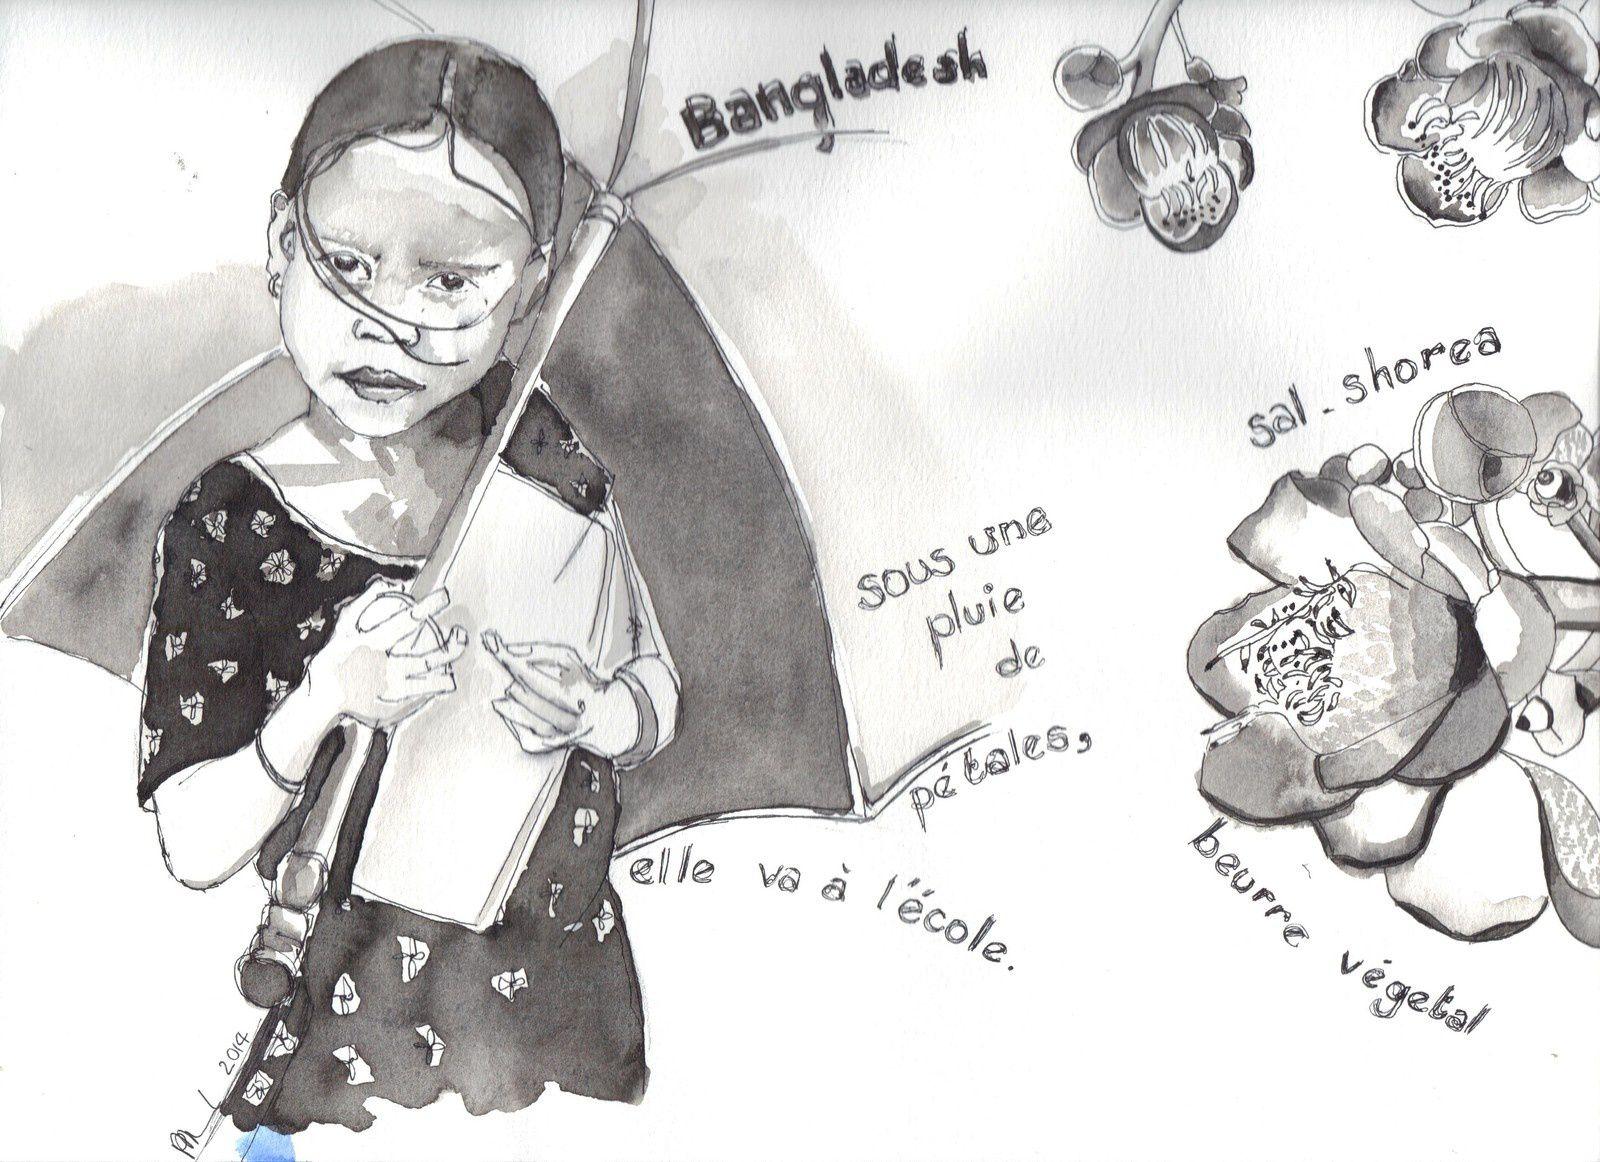 dessin au lavis d'encre de Chine, 24x32